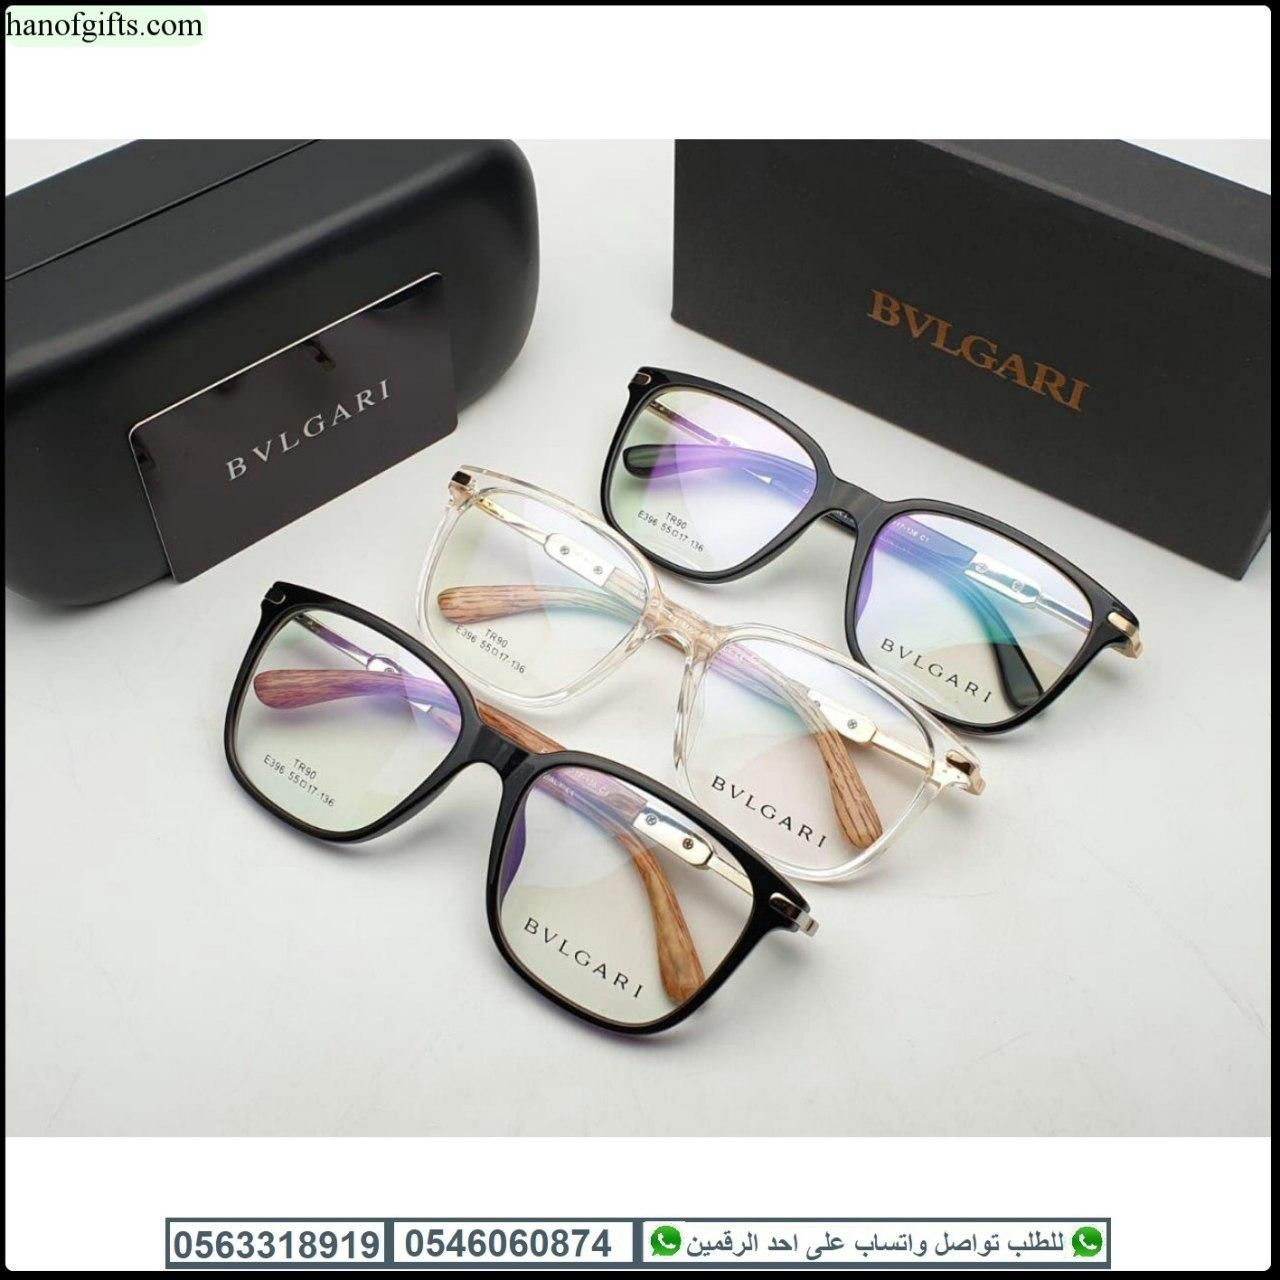 نظارات بلغاري طبيه درجه اولى مع جميع الملحقات و بنفس الاسم هدايا هنوف Cat Eye Sunglasses Sunglasses Eye Sunglasses